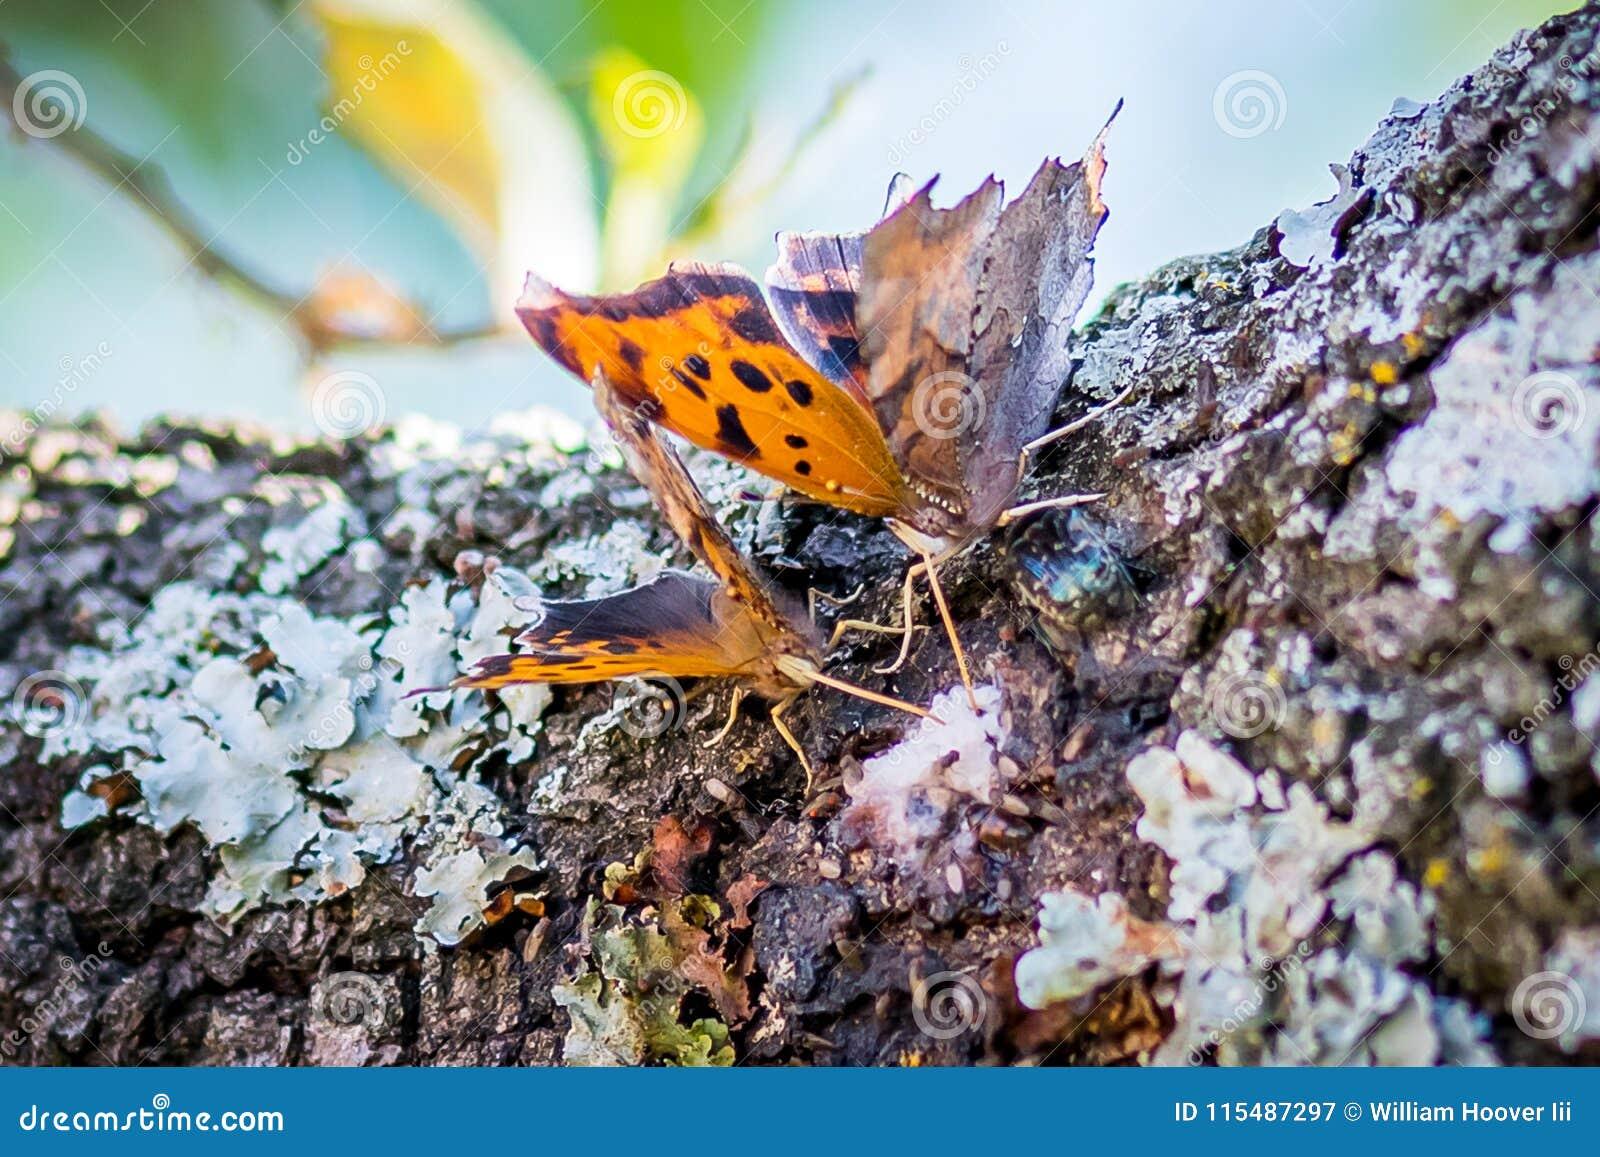 Texas Spring-Zeit Schmetterlinge, die Schlamm trinken, schmelzen von einer Eiche